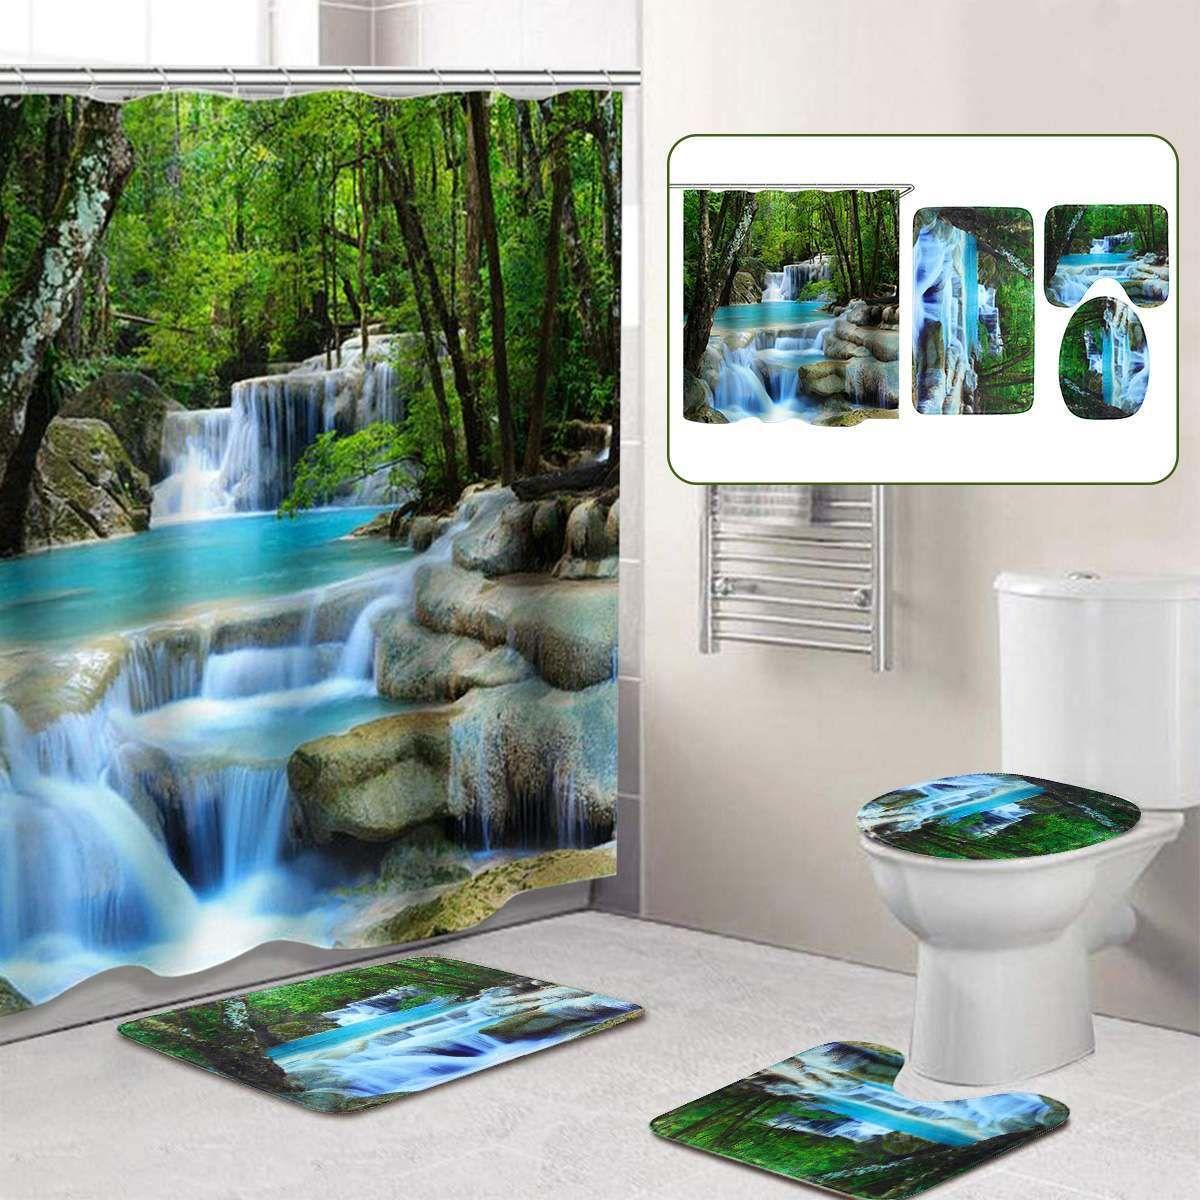 3D Şelale Manzara Su geçirmez Duş Perde Banyo Peyzaj Ağaçları Çiçek Banyo Paspas Seti Kaideye Kilim Kapak Tuvalet Kapak